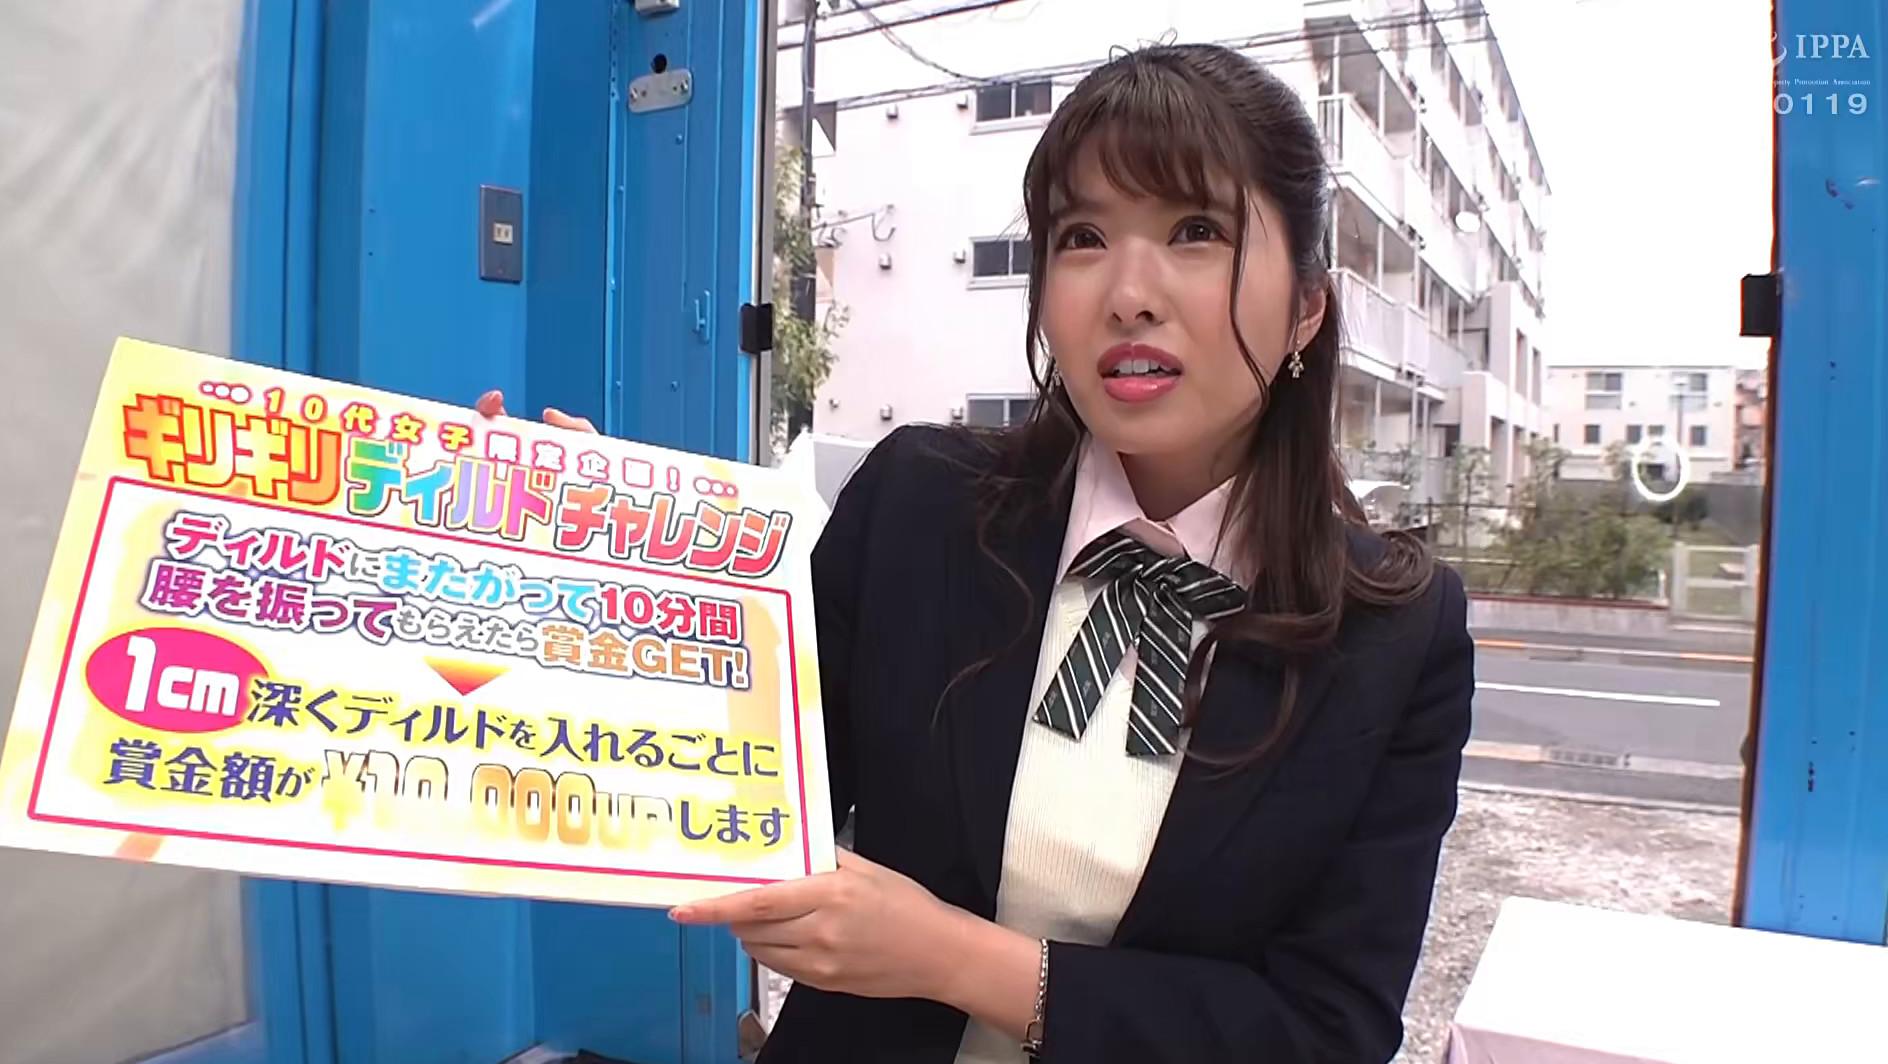 J●中出し。みやび 極太ディルドでJ●ウブまん貫通!1cm1万円チャレンジ!撮って出しマジックミラー号